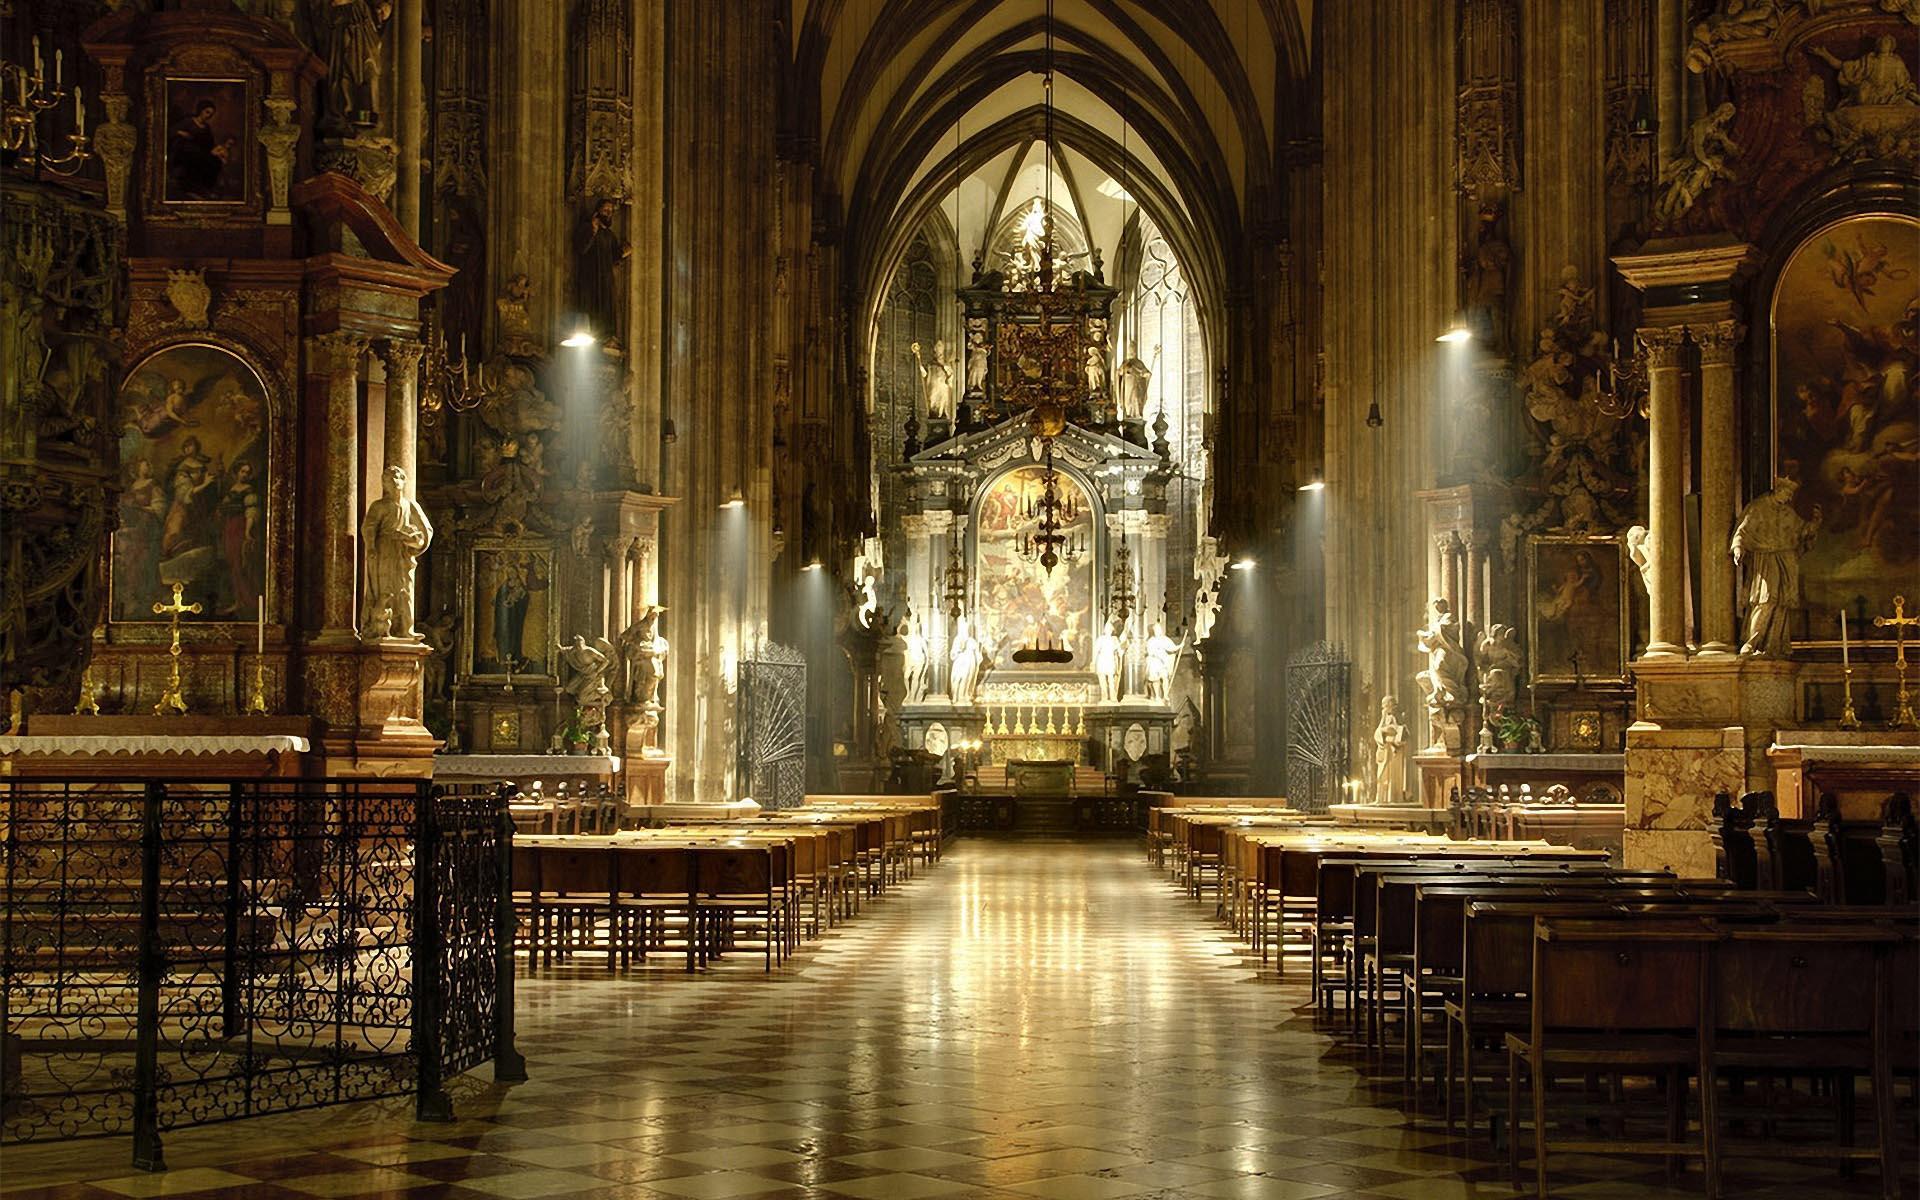 архитектура город страны Базилика Святого Николая Амстердам  № 3712164 бесплатно